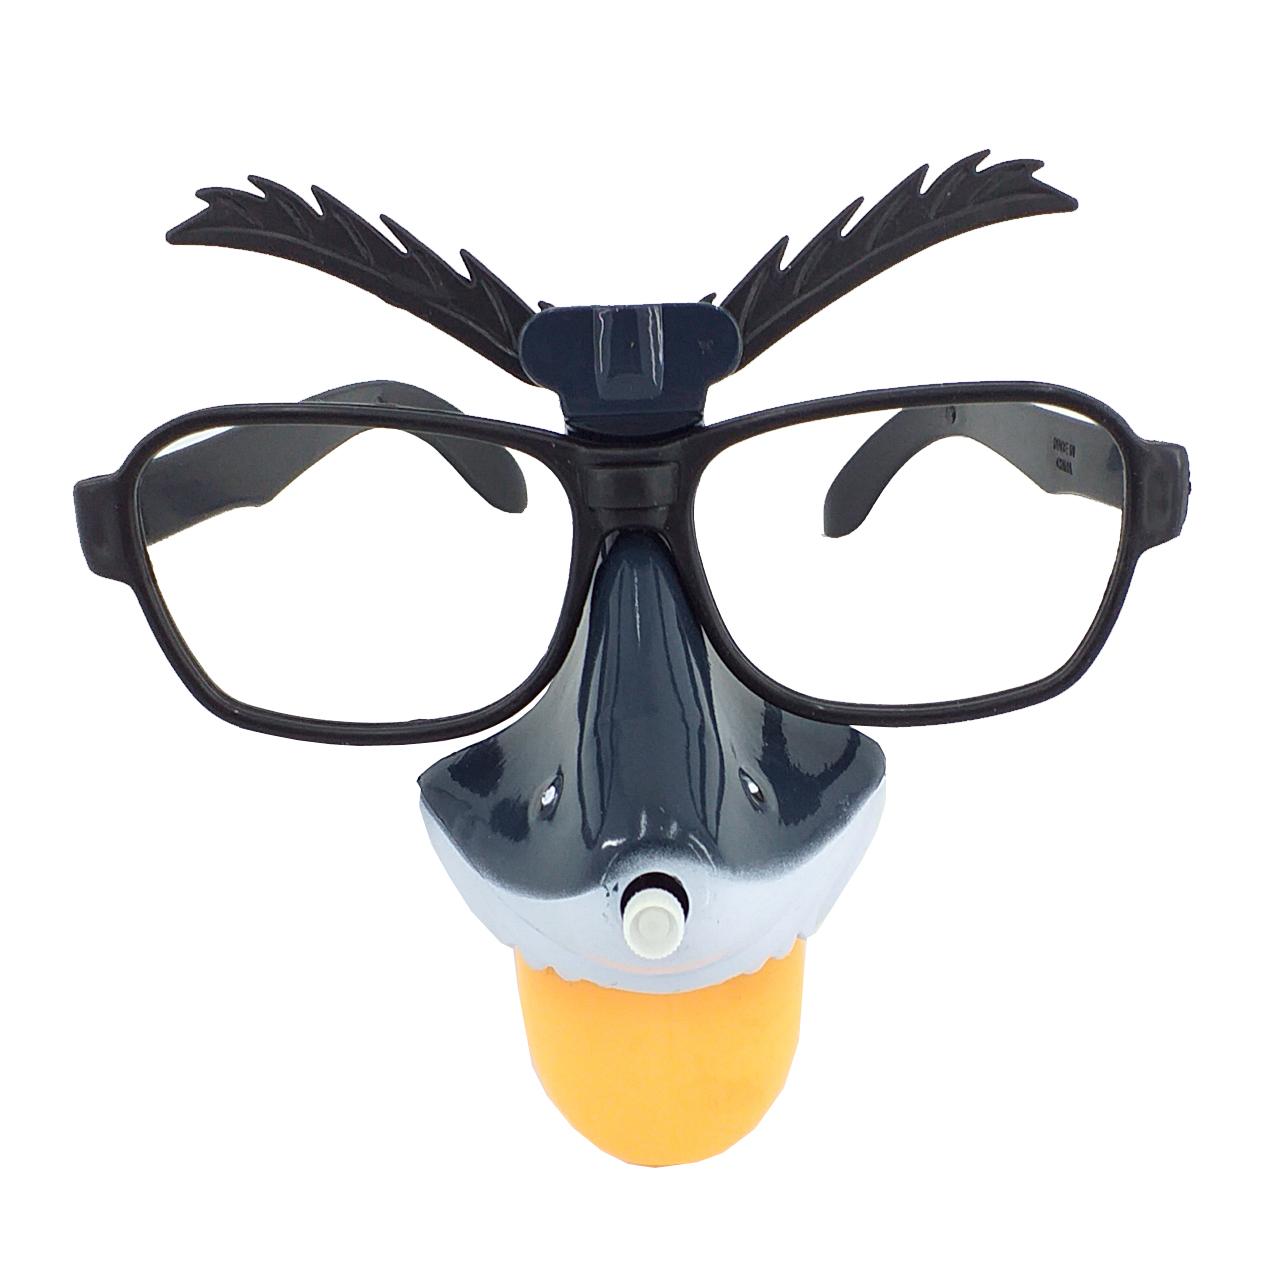 ابزار سرگرمی طرح عینک کوکی مدل DSK-WOLF